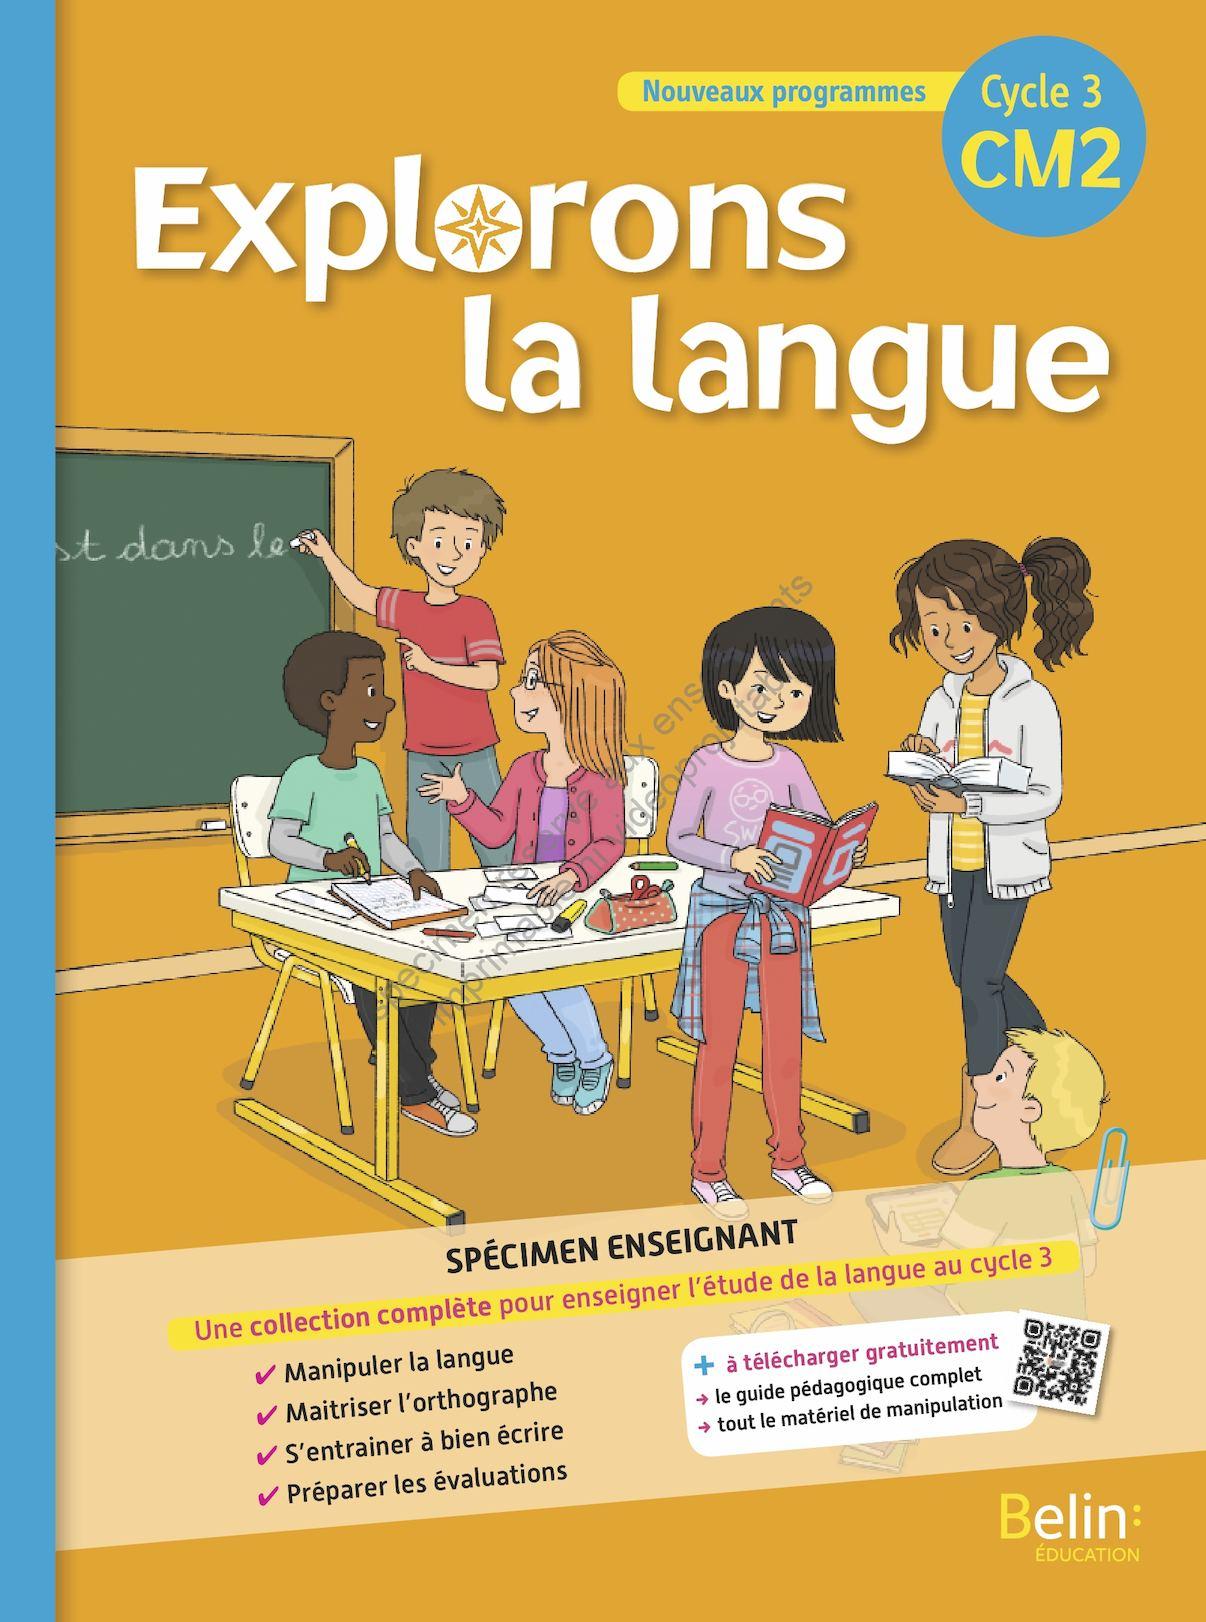 explorons la langue CM2